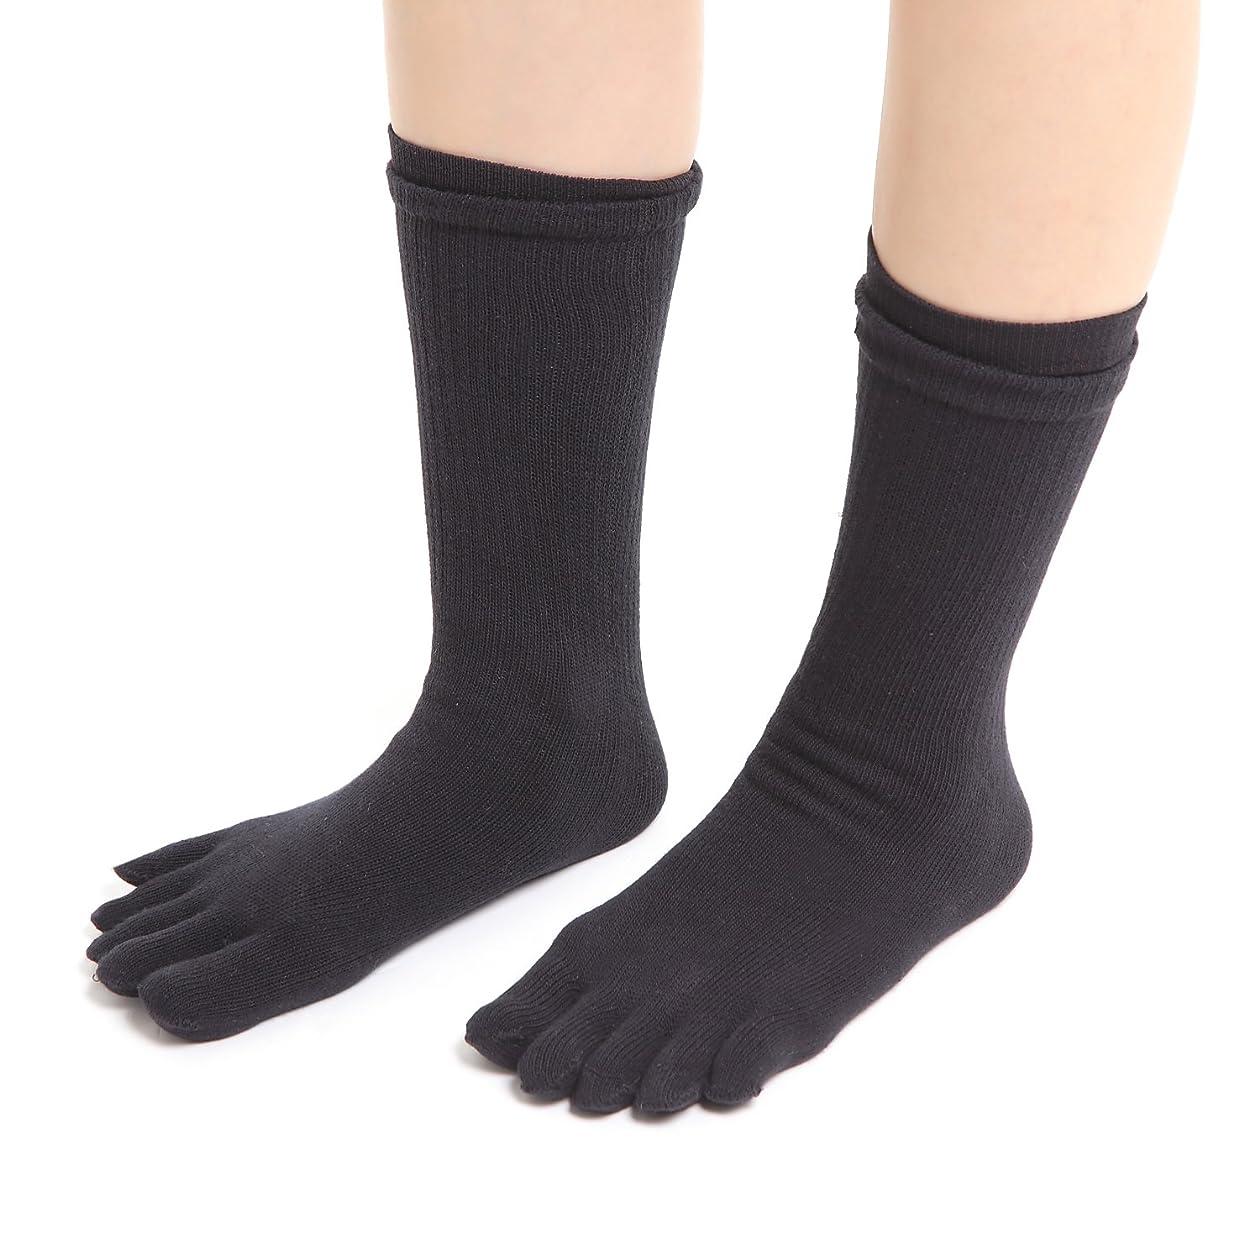 憂慮すべきドメインビデオNANA 初心者向け冷えとり靴下 内シルク外コットンソックス 2足セット 5本指ソックス フリーサイズ シルク (黒)